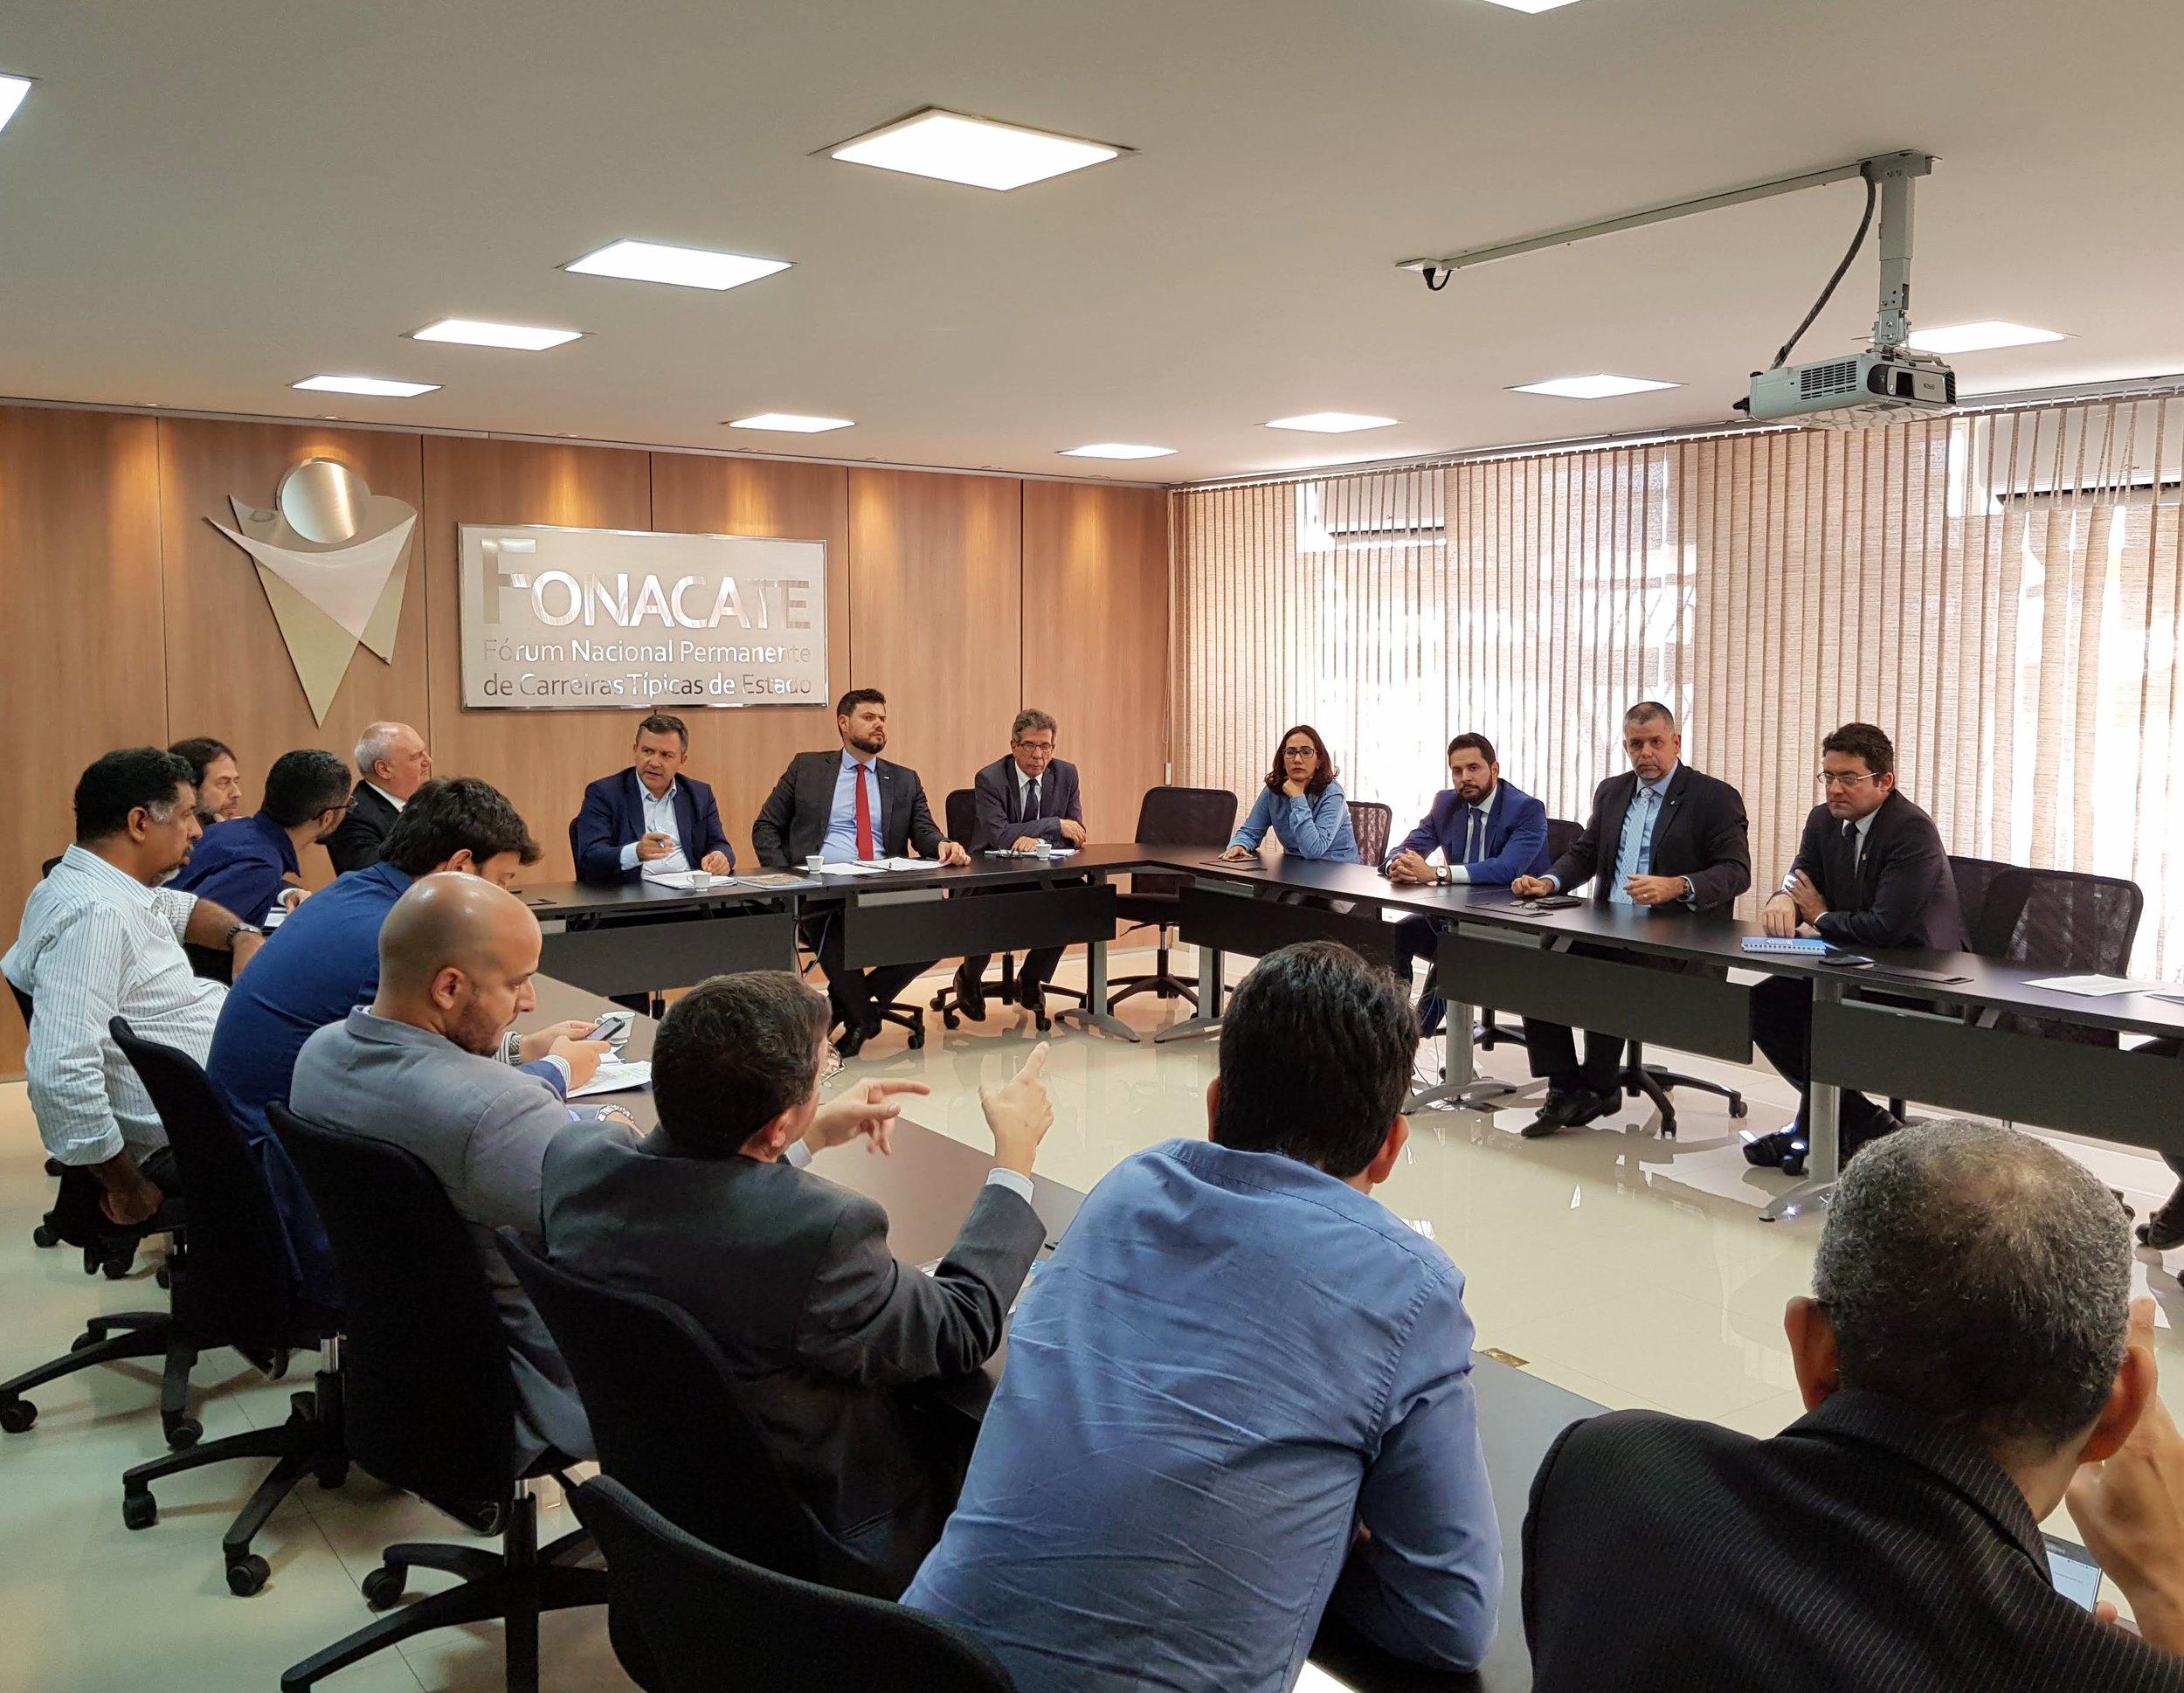 Alex Canuto e representantes do Fonacate e da Frentas em reunião na tarde desta segunda-feira